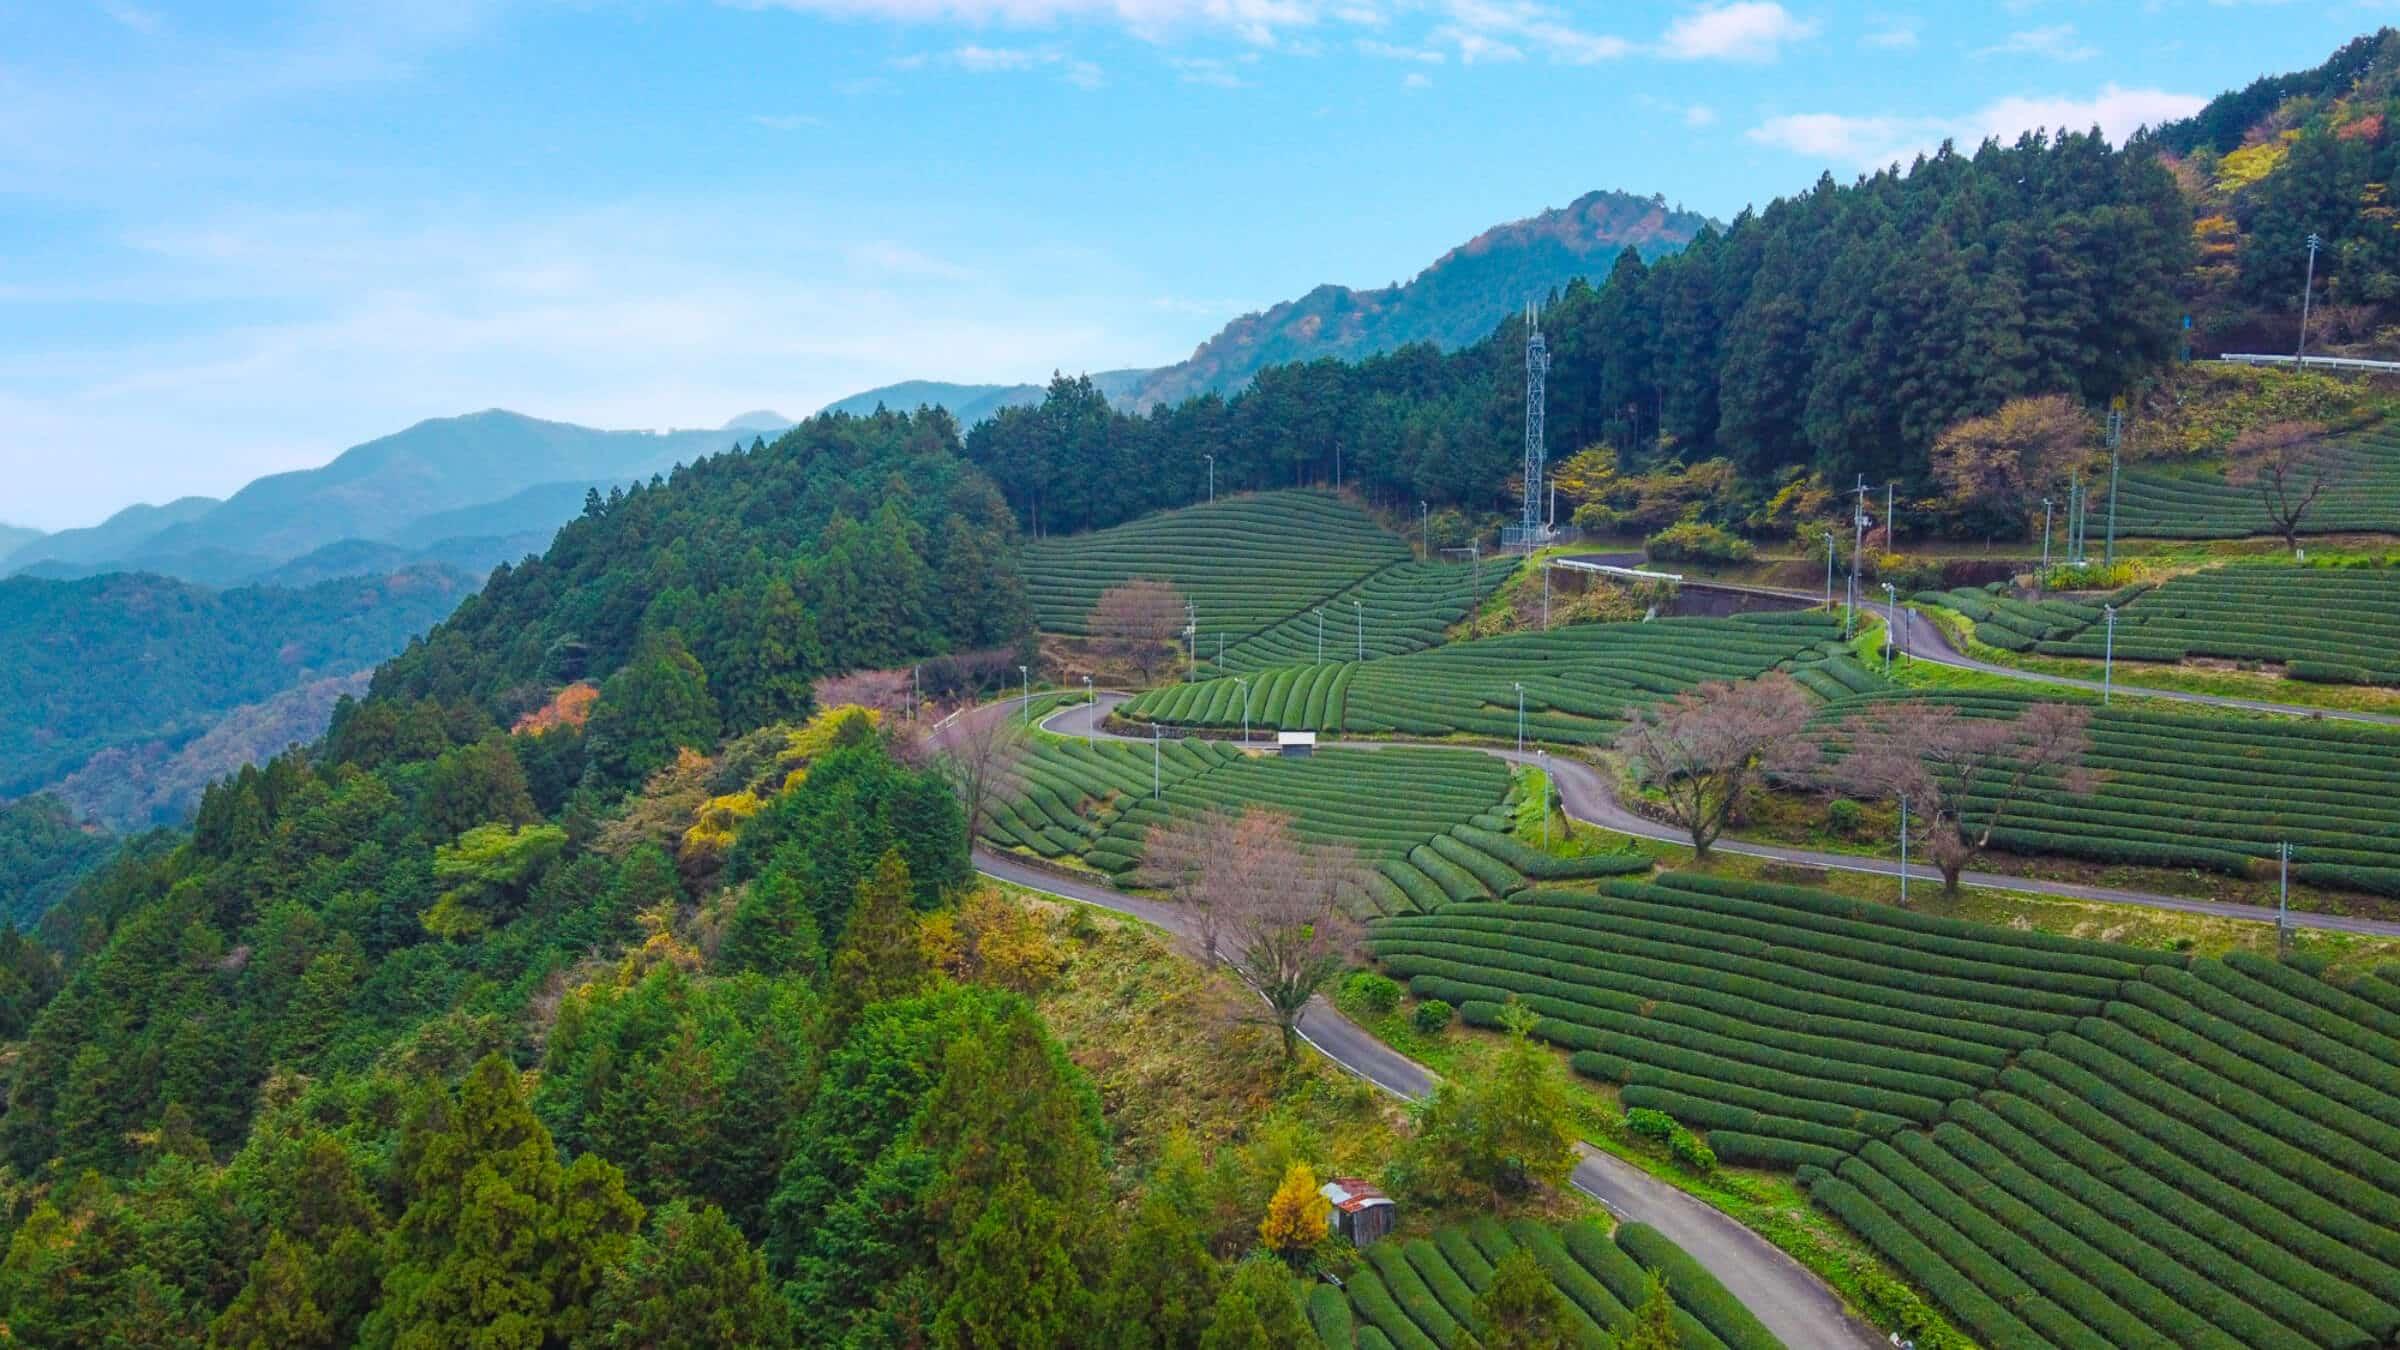 旧道をのんびり楽しむ茶畑ツーリング。「道の駅 布施ヶ坂」で小休止